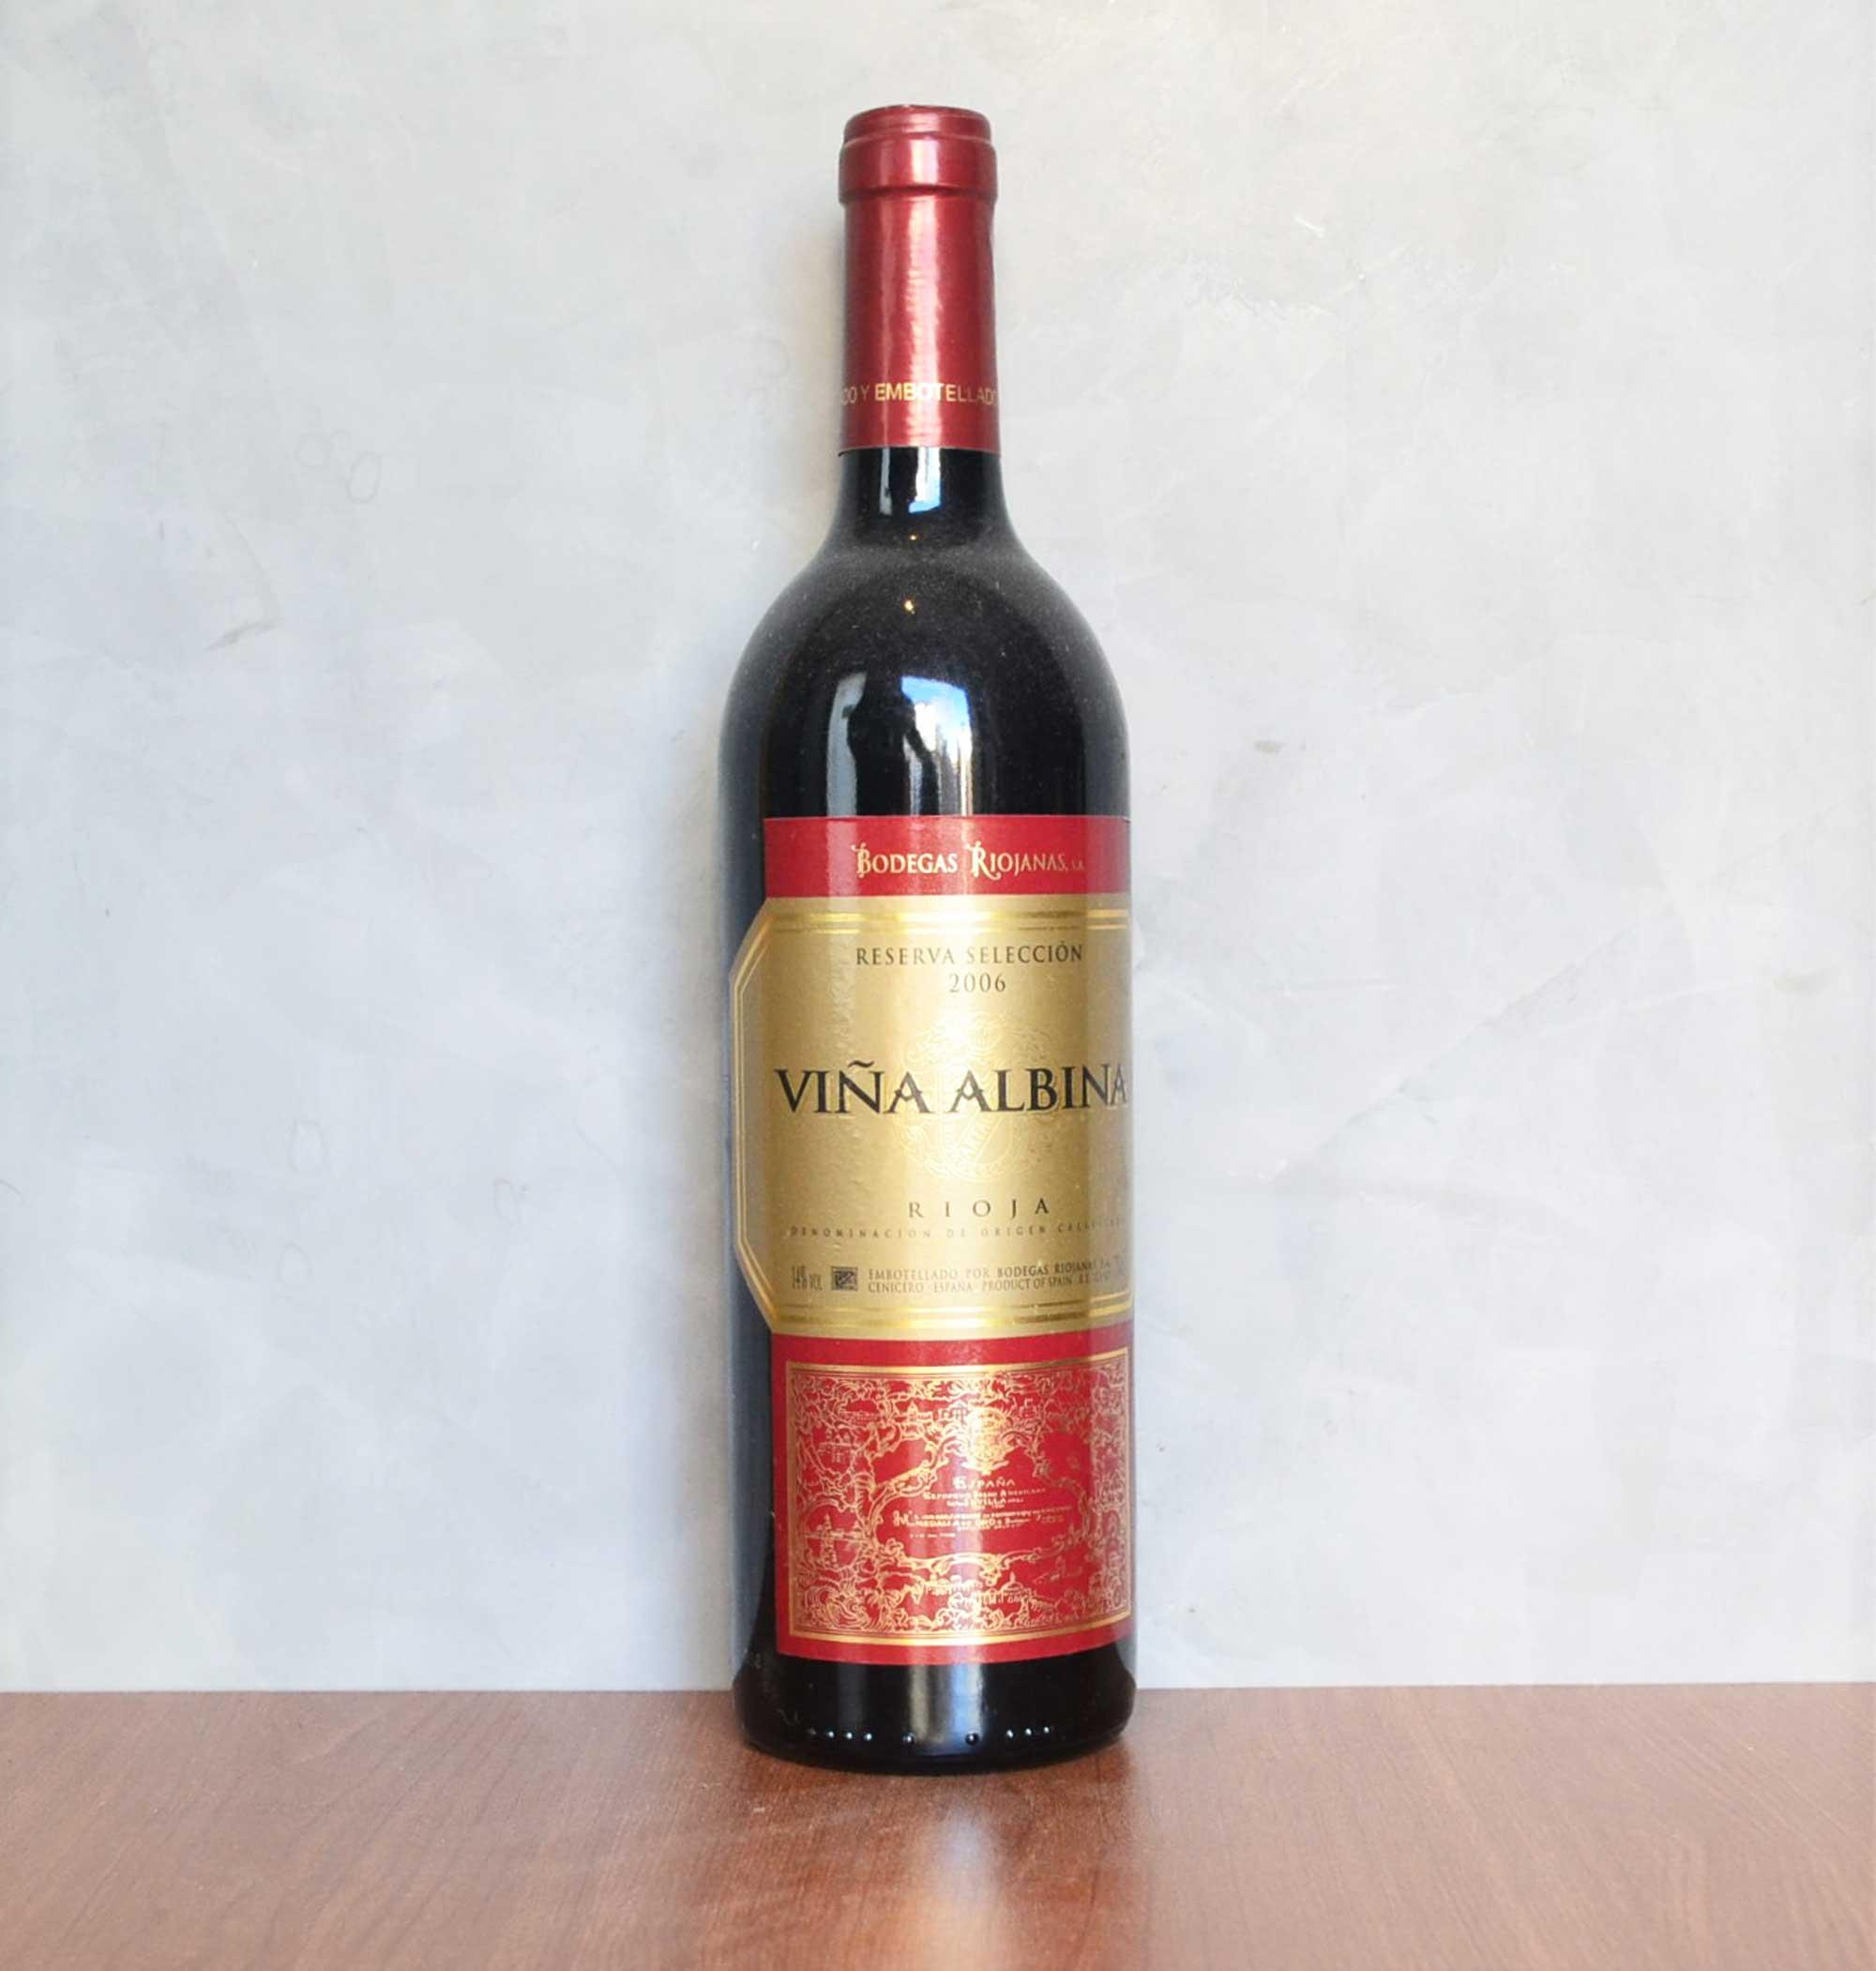 Viña Albina selection 2006